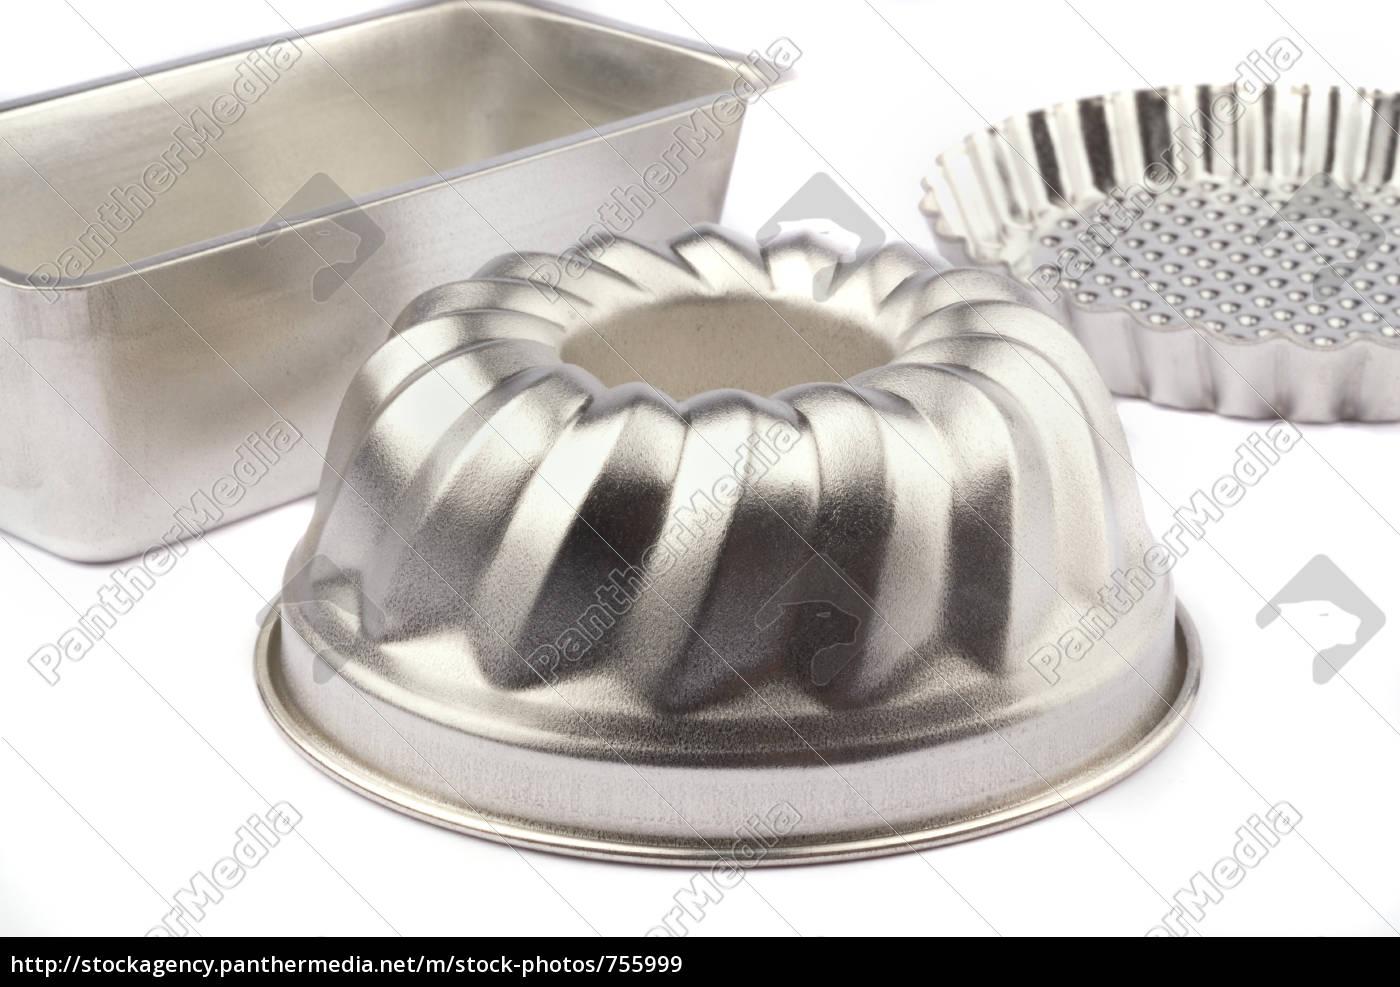 baking, pan, 1 - 755999